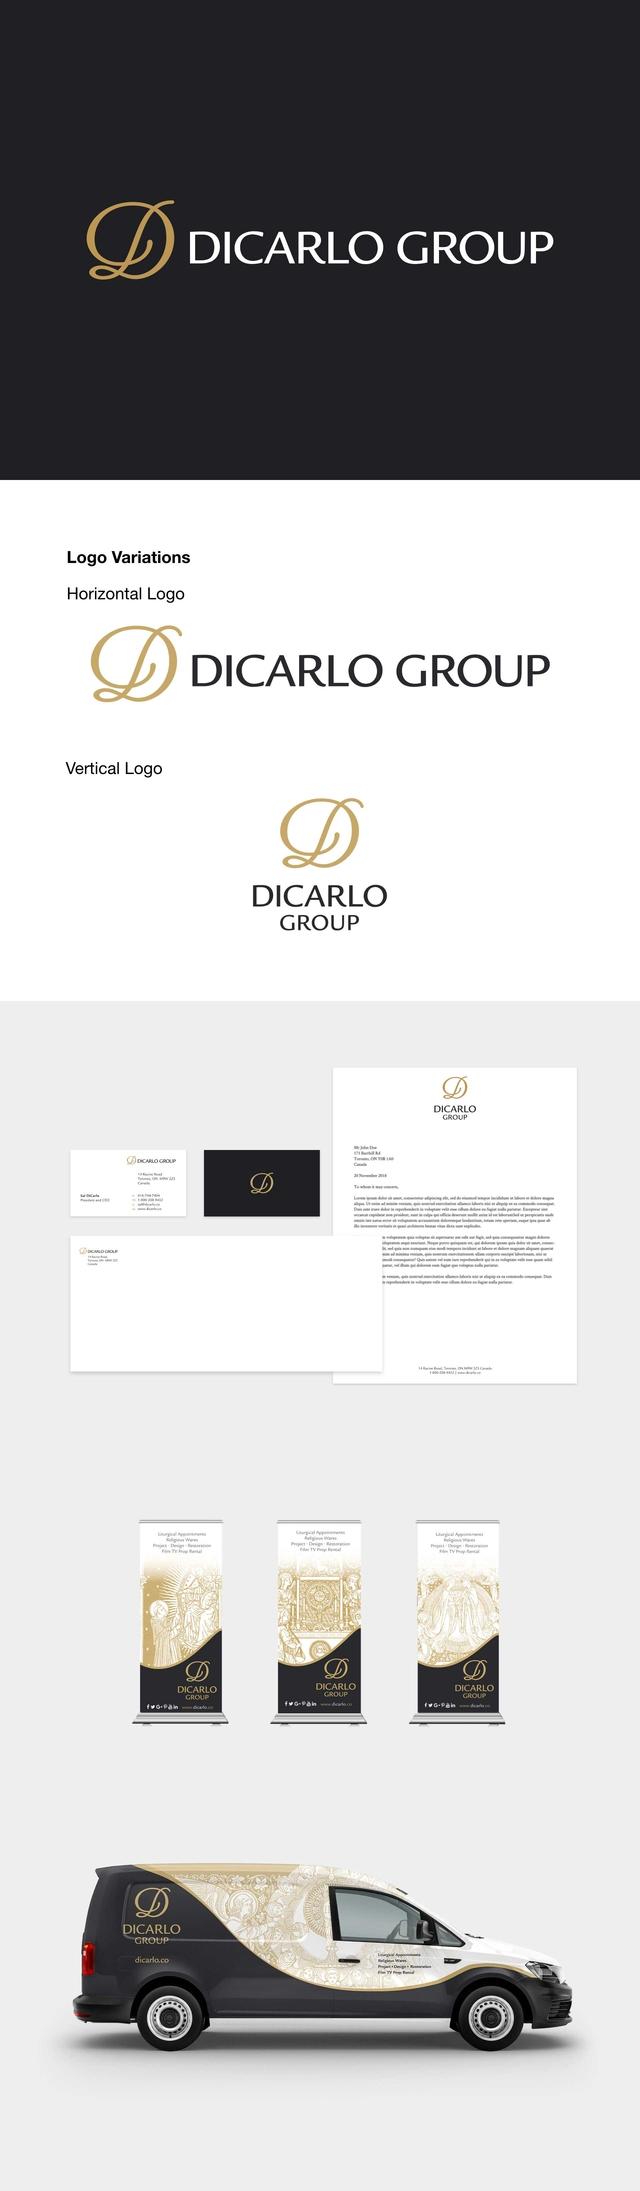 DiCarlo Group